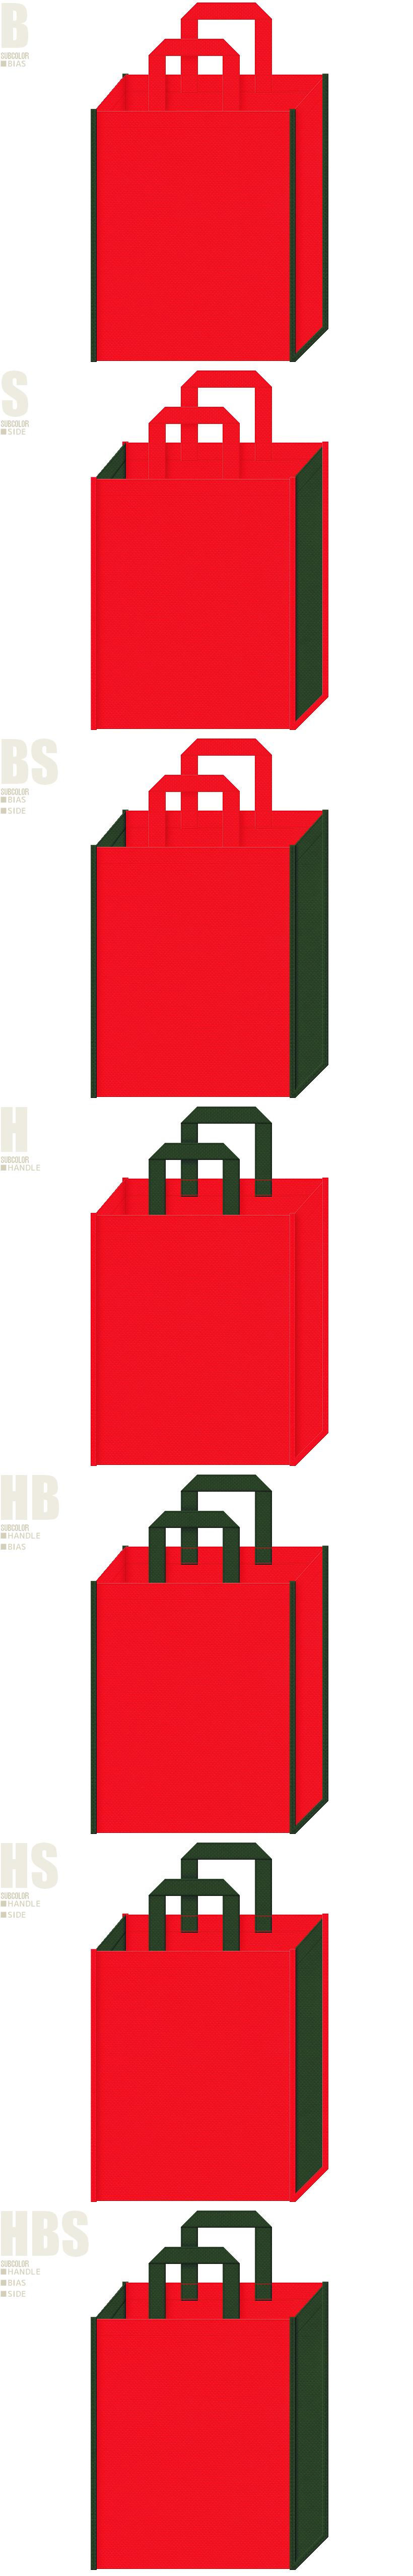 イチゴ・トマト・スイカ・クリスマスのイベントにお奨めの不織布バッグデザイン:赤色と濃緑色の配色7パターン